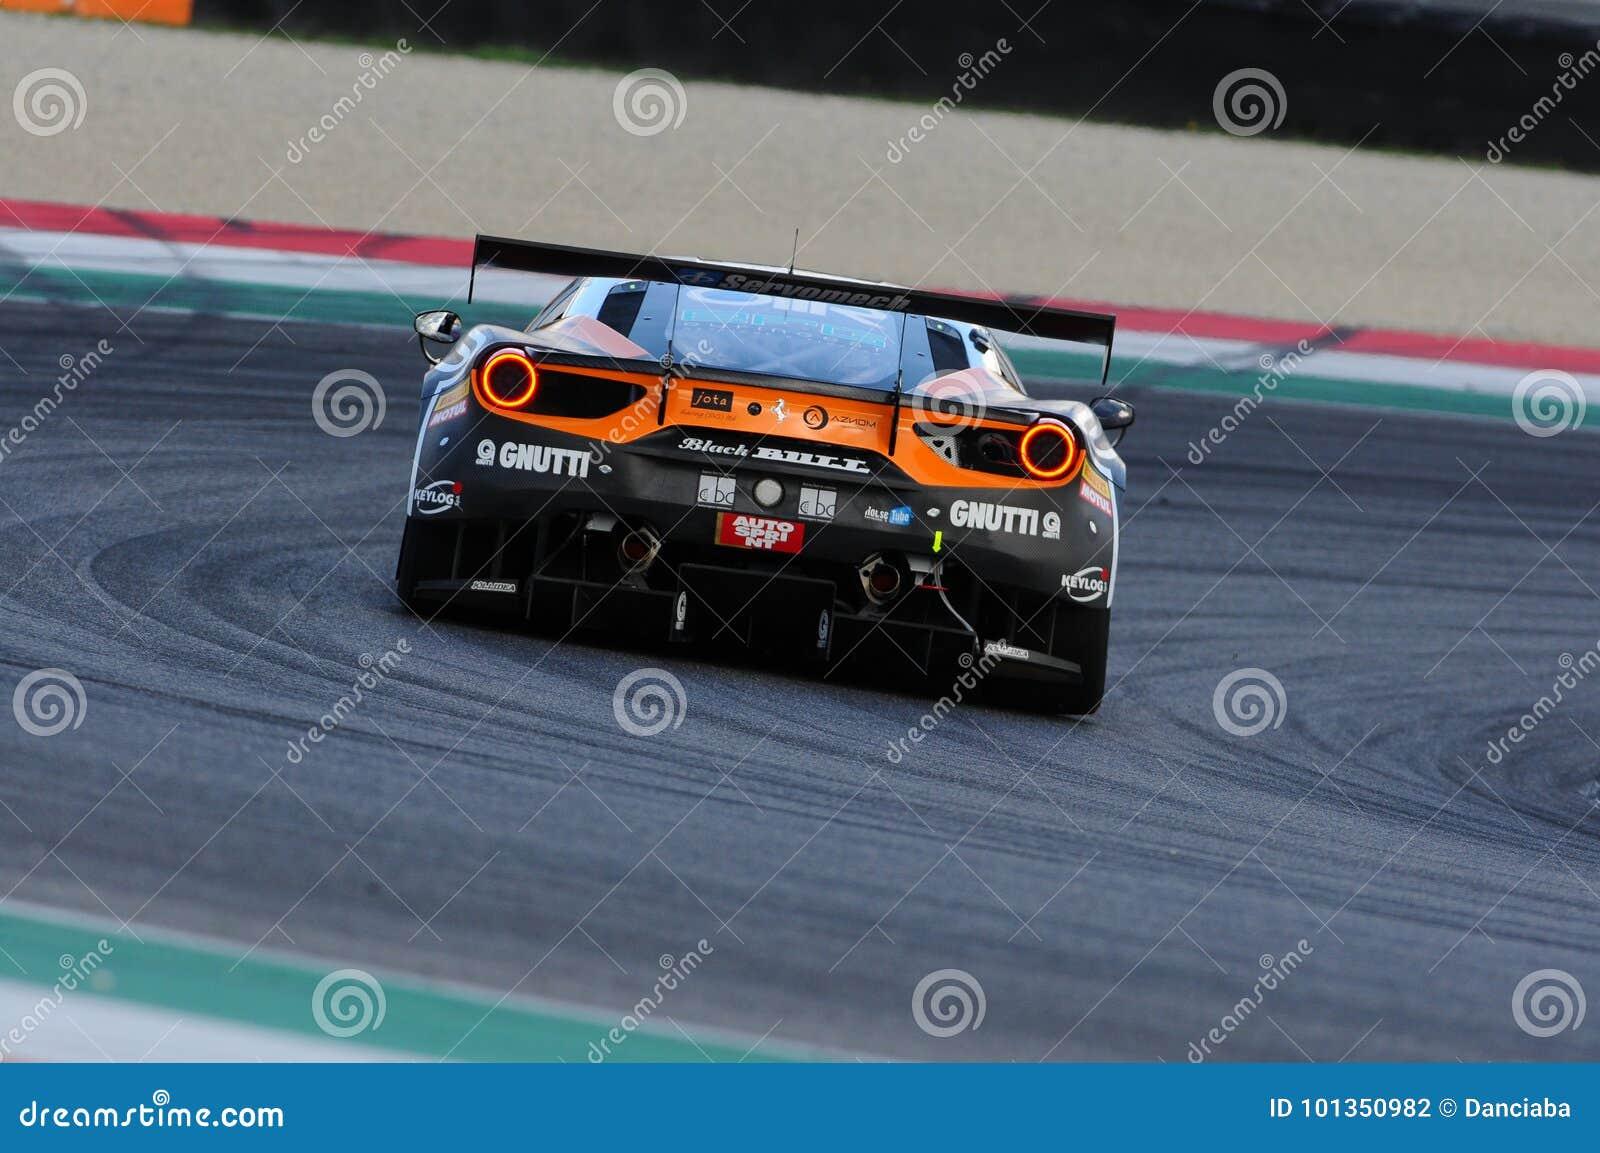 Κύκλωμα Mugello, Ιταλία - 6 Οκτωβρίου 2017: Ένα Ferrari 488 GT3 ελβετικού αγώνα του Bull ομάδας του μαύρου, που οδηγείται από το